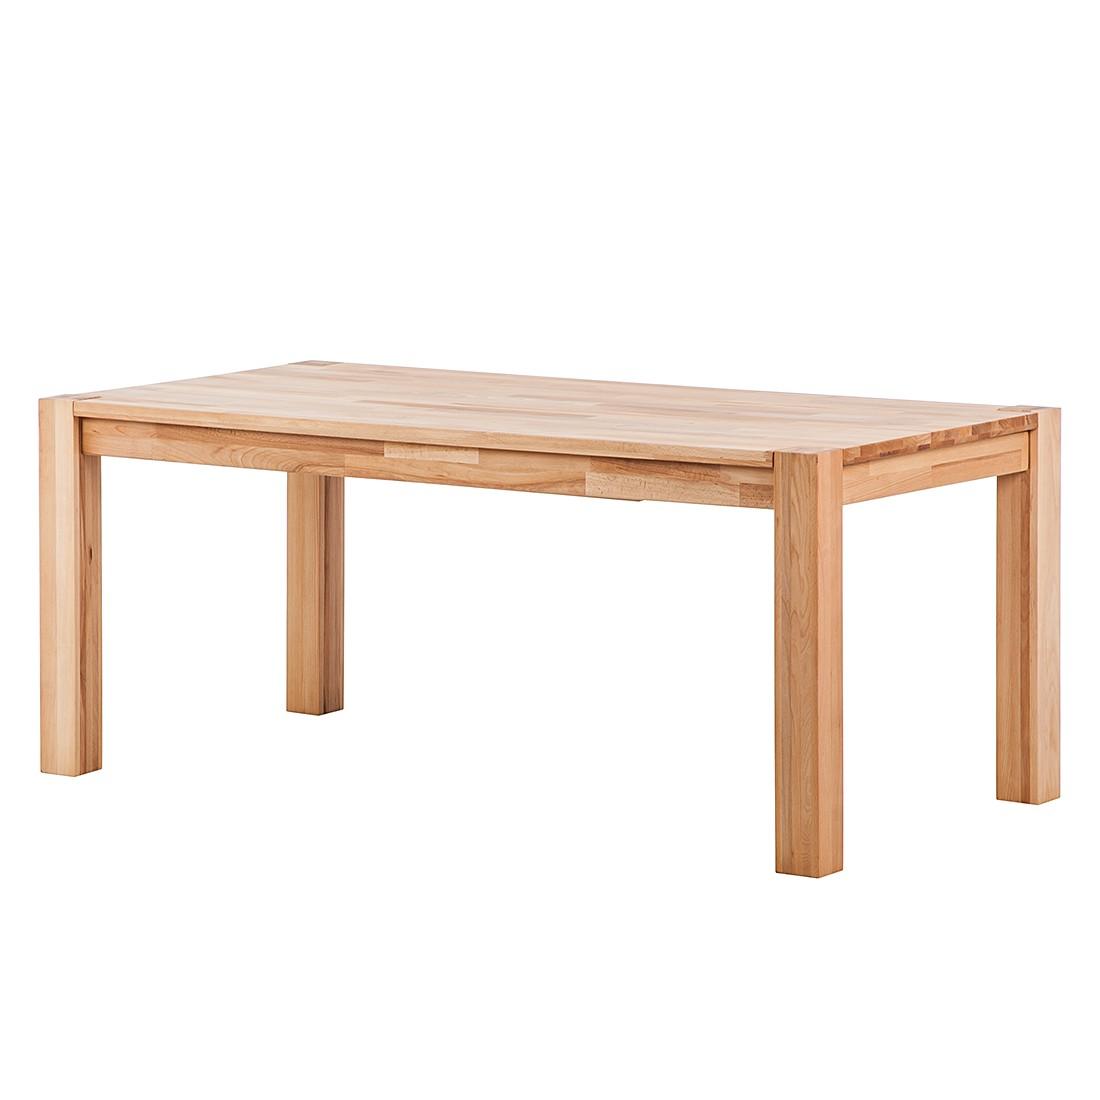 Table à manger RichWOOD (avec rallonge) - Duramen de hêtre massif - 180 x 90 cm, Ars Natura